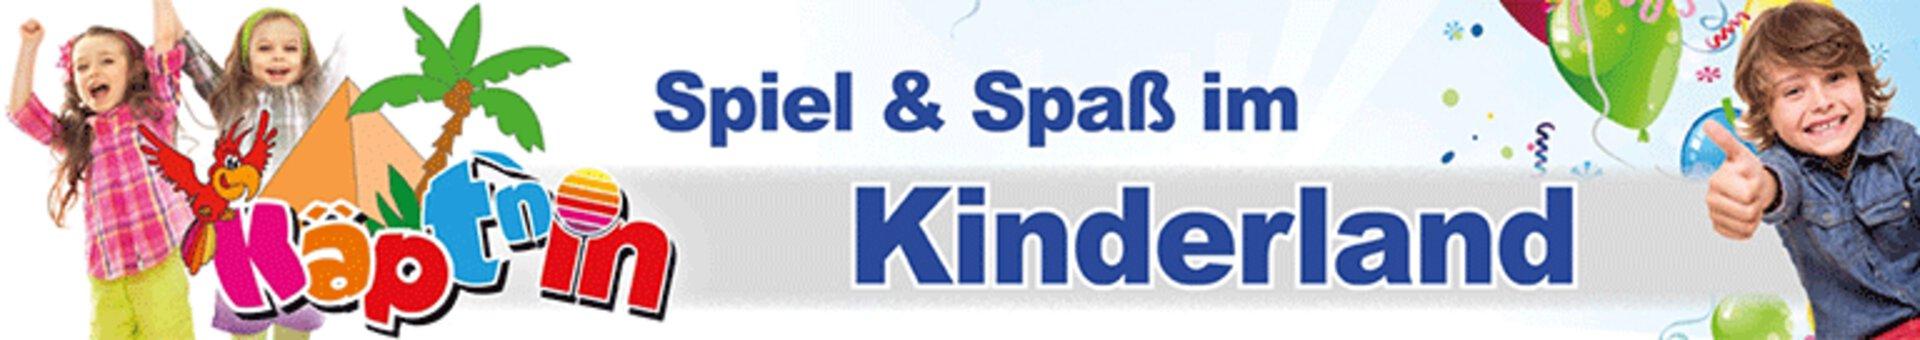 Banner Kinderland